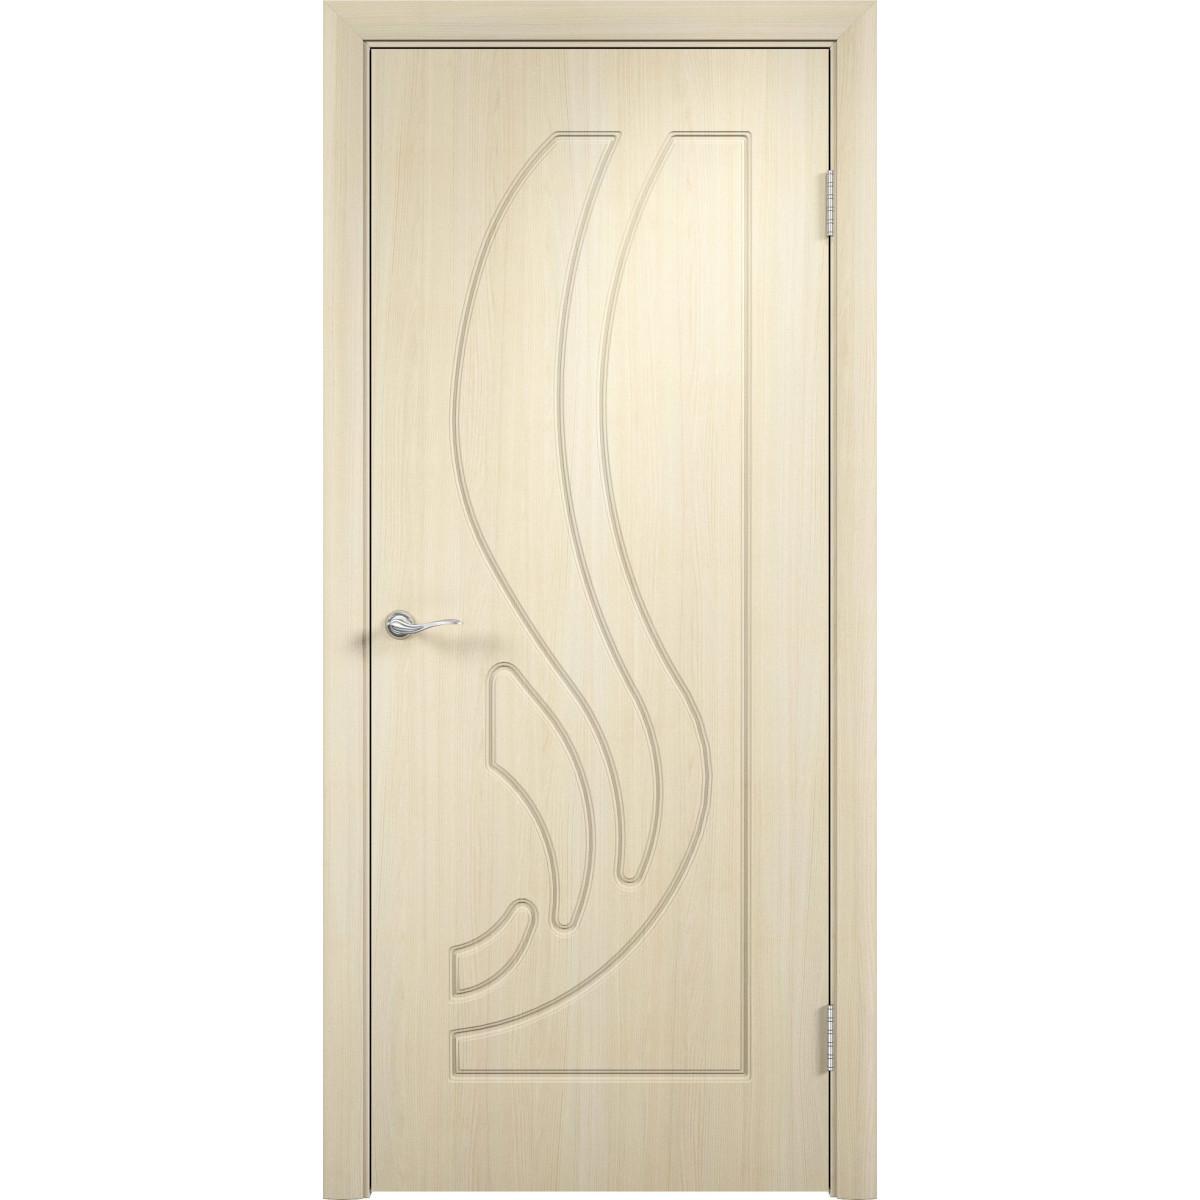 Дверное полотно Verda Лиана МП_0416 2000х700х40 мм МДФ